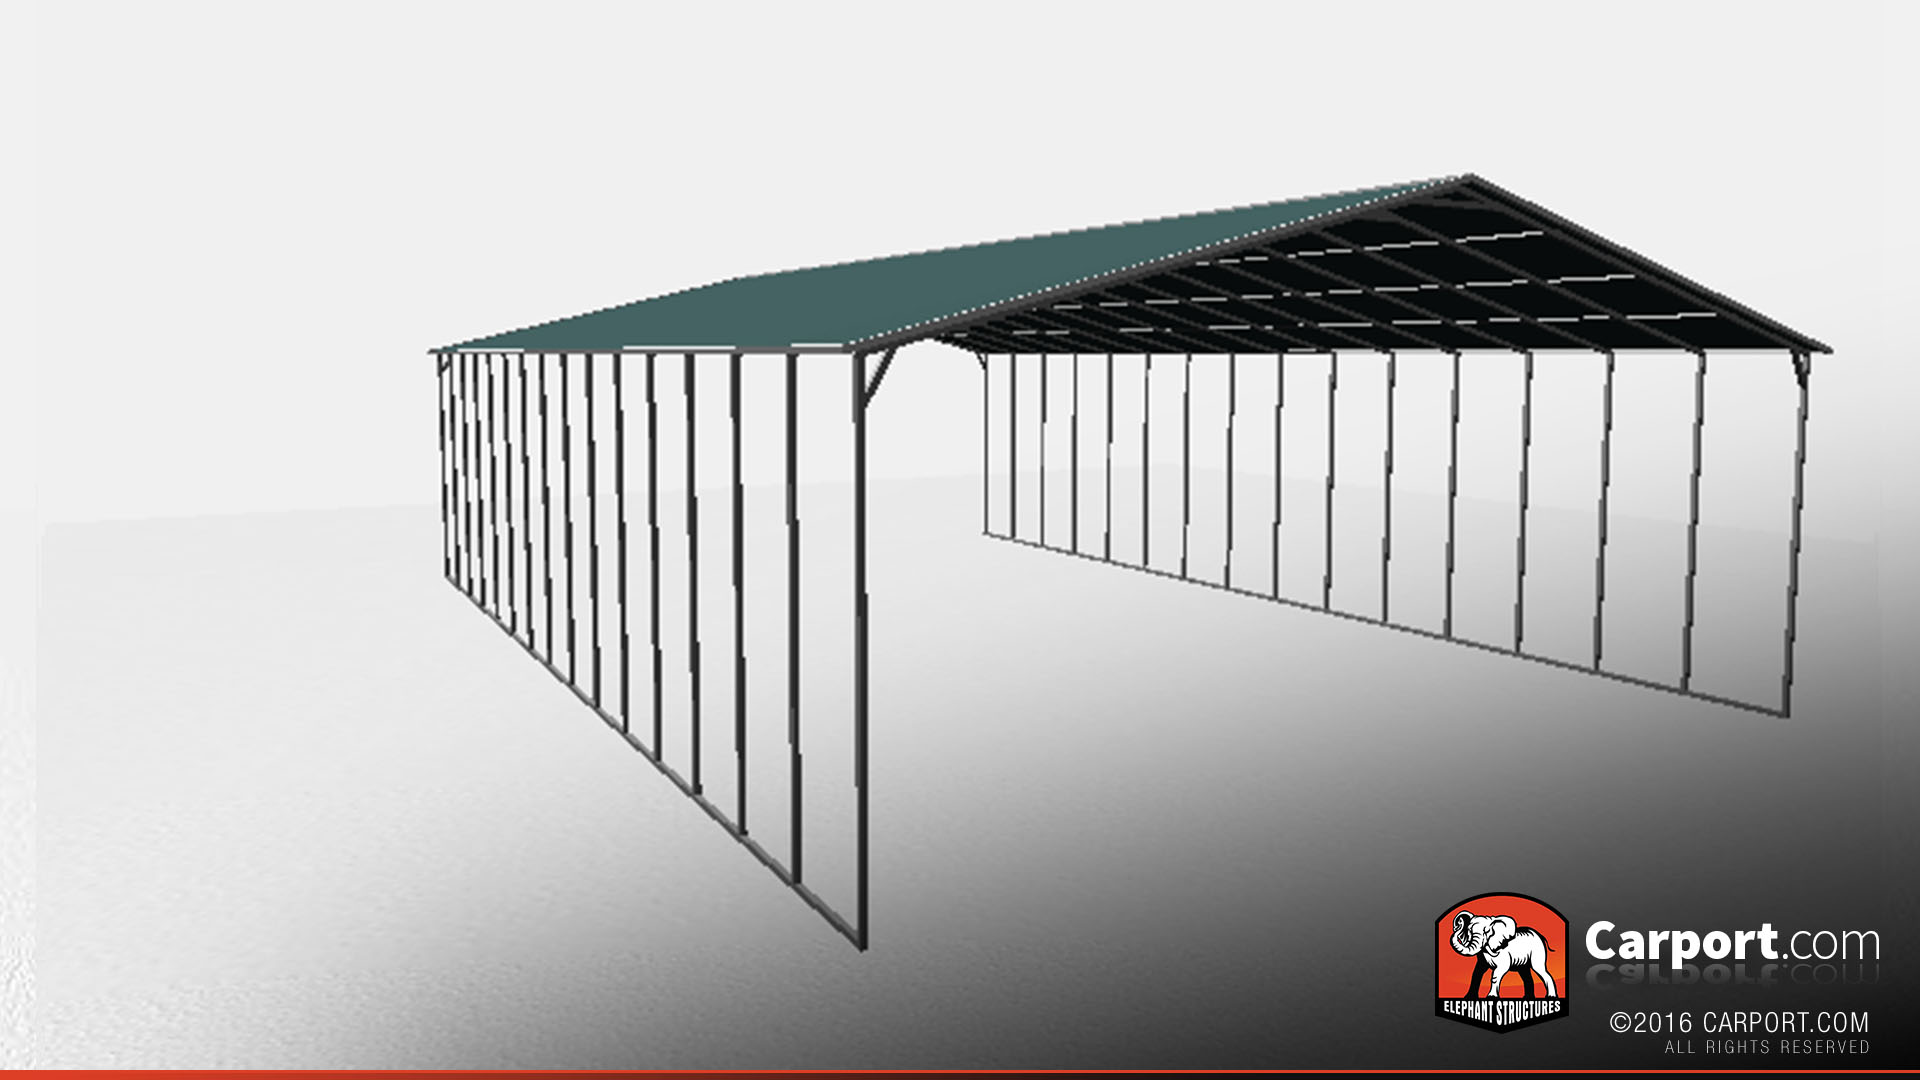 14 40 Carport : Metal carport with vertical roof panels